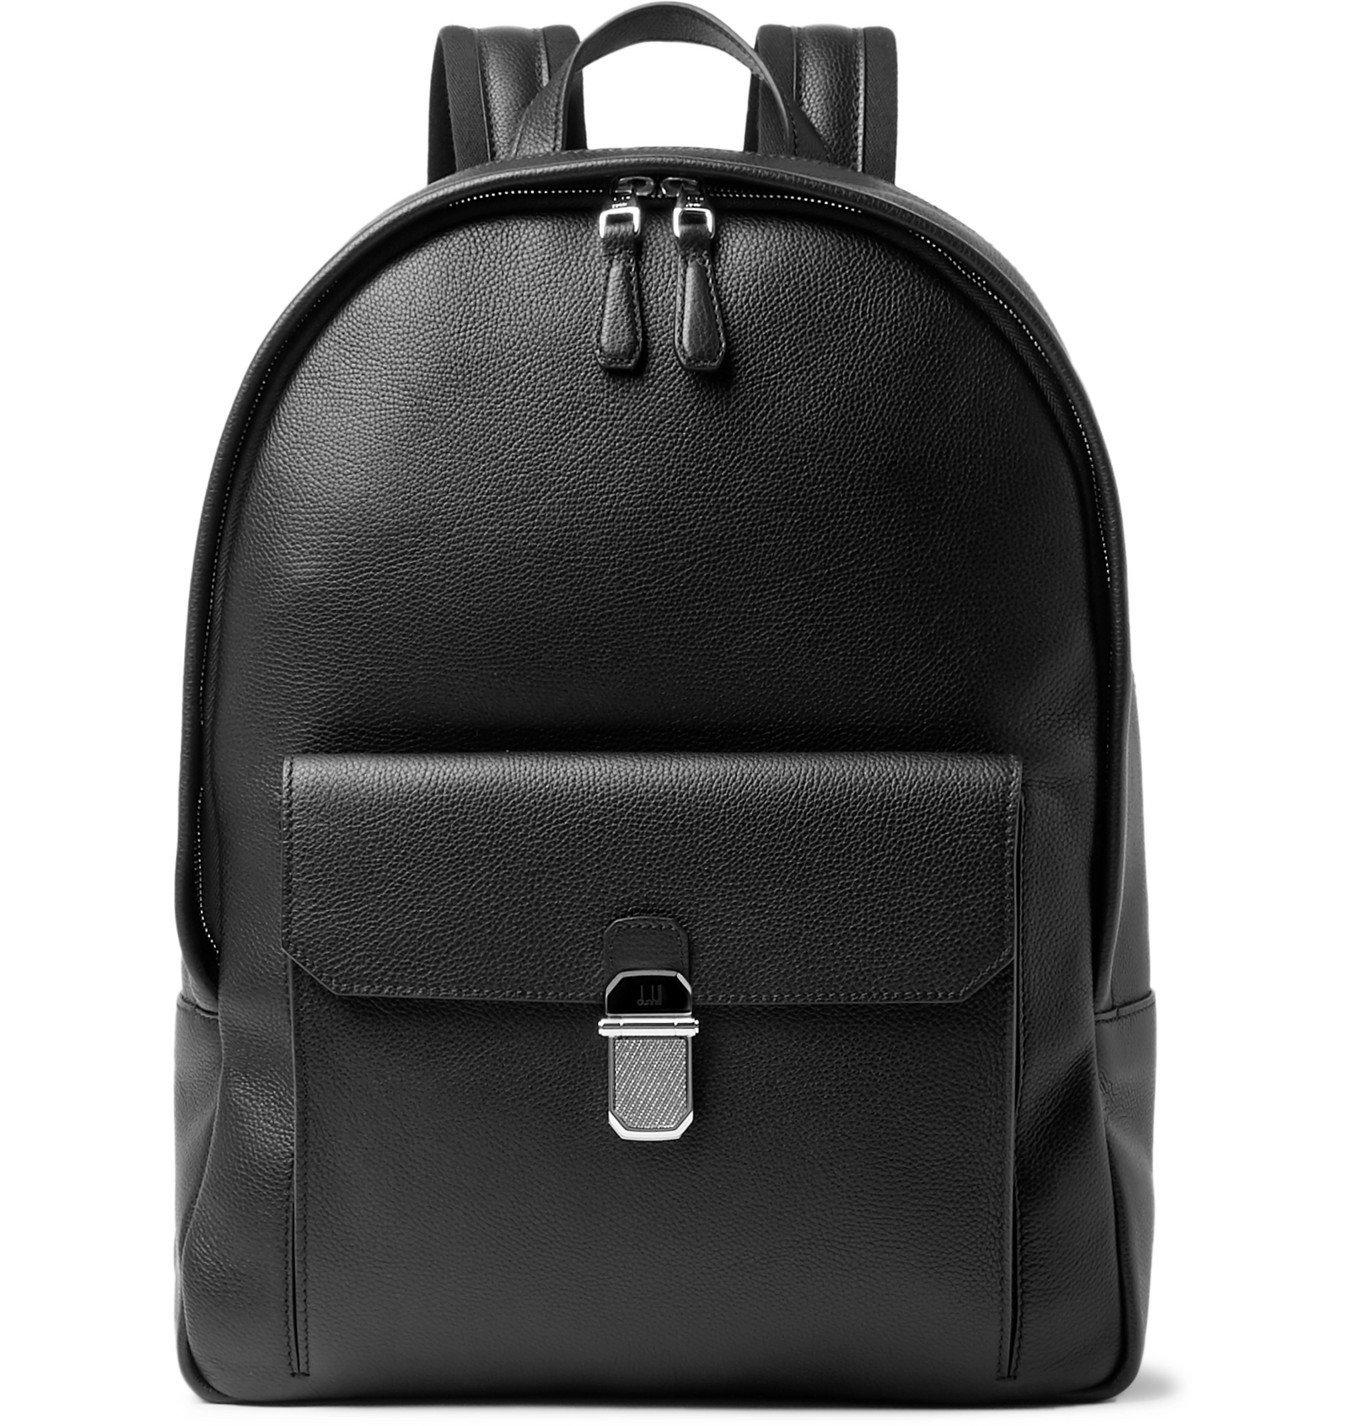 Dunhill - Belgrave Full-Grain Leather Backpack - Black